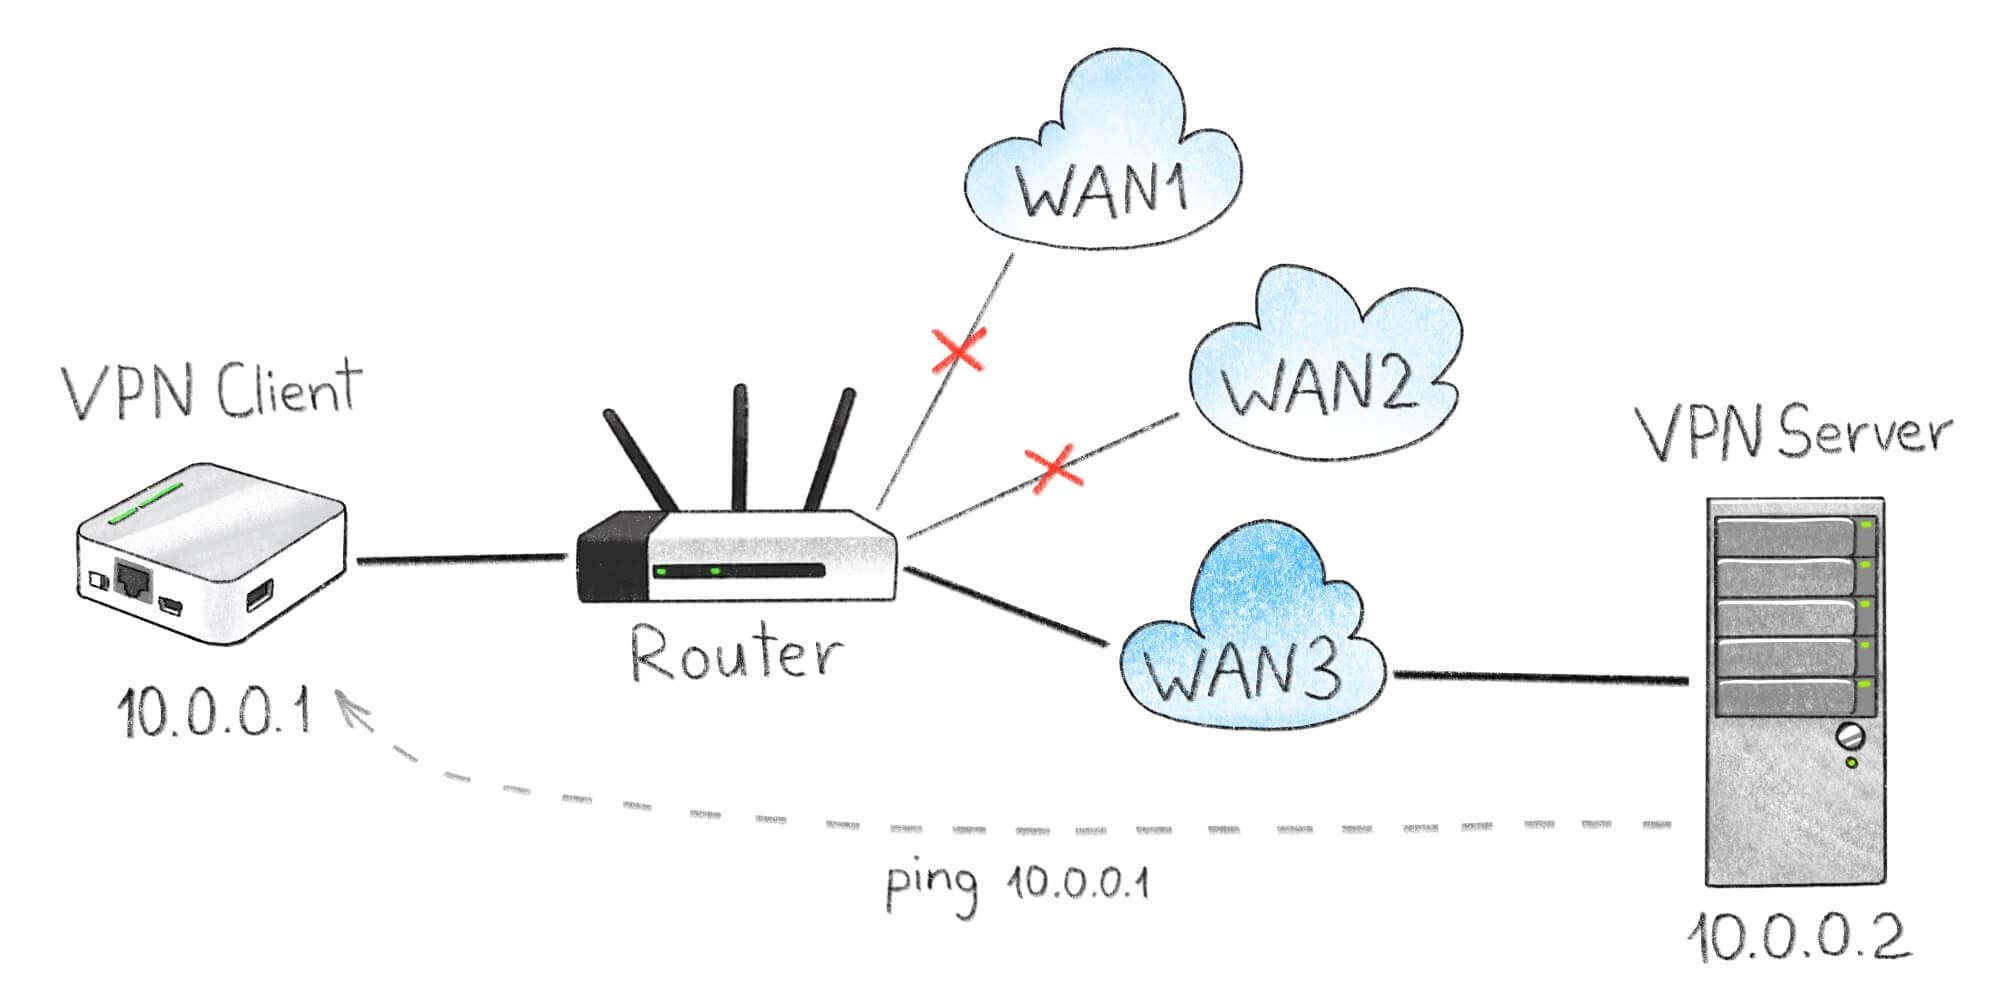 Схема тестового стенда. Роутер MR3020 выполняет роль компьютера с запущенным VPN-клиентом. Удаленный сервер мониторит IP-адрес VPN-клиента.